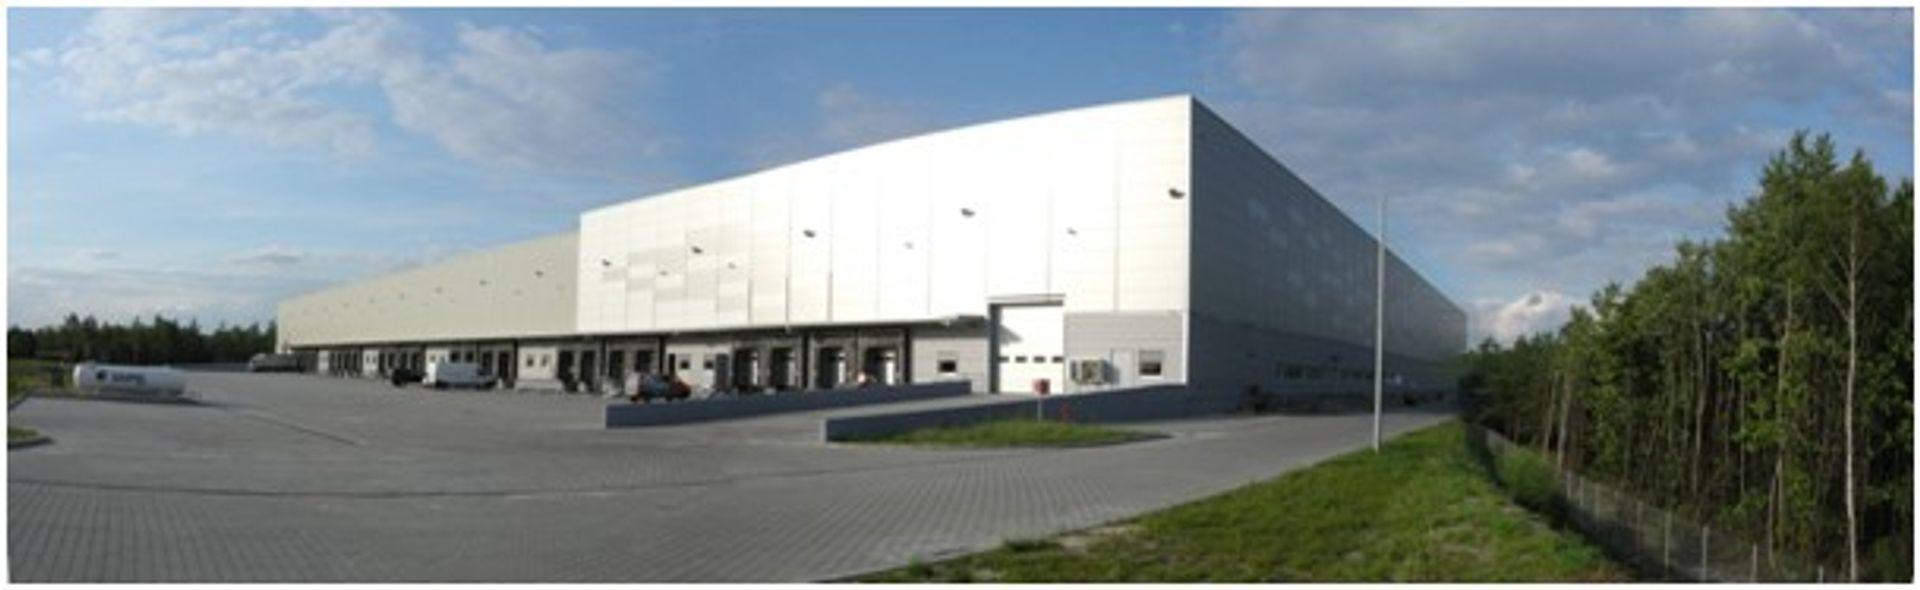 [śląskie] Kolporter zostaje na dłużej w Śląskim Centrum Logistycznym